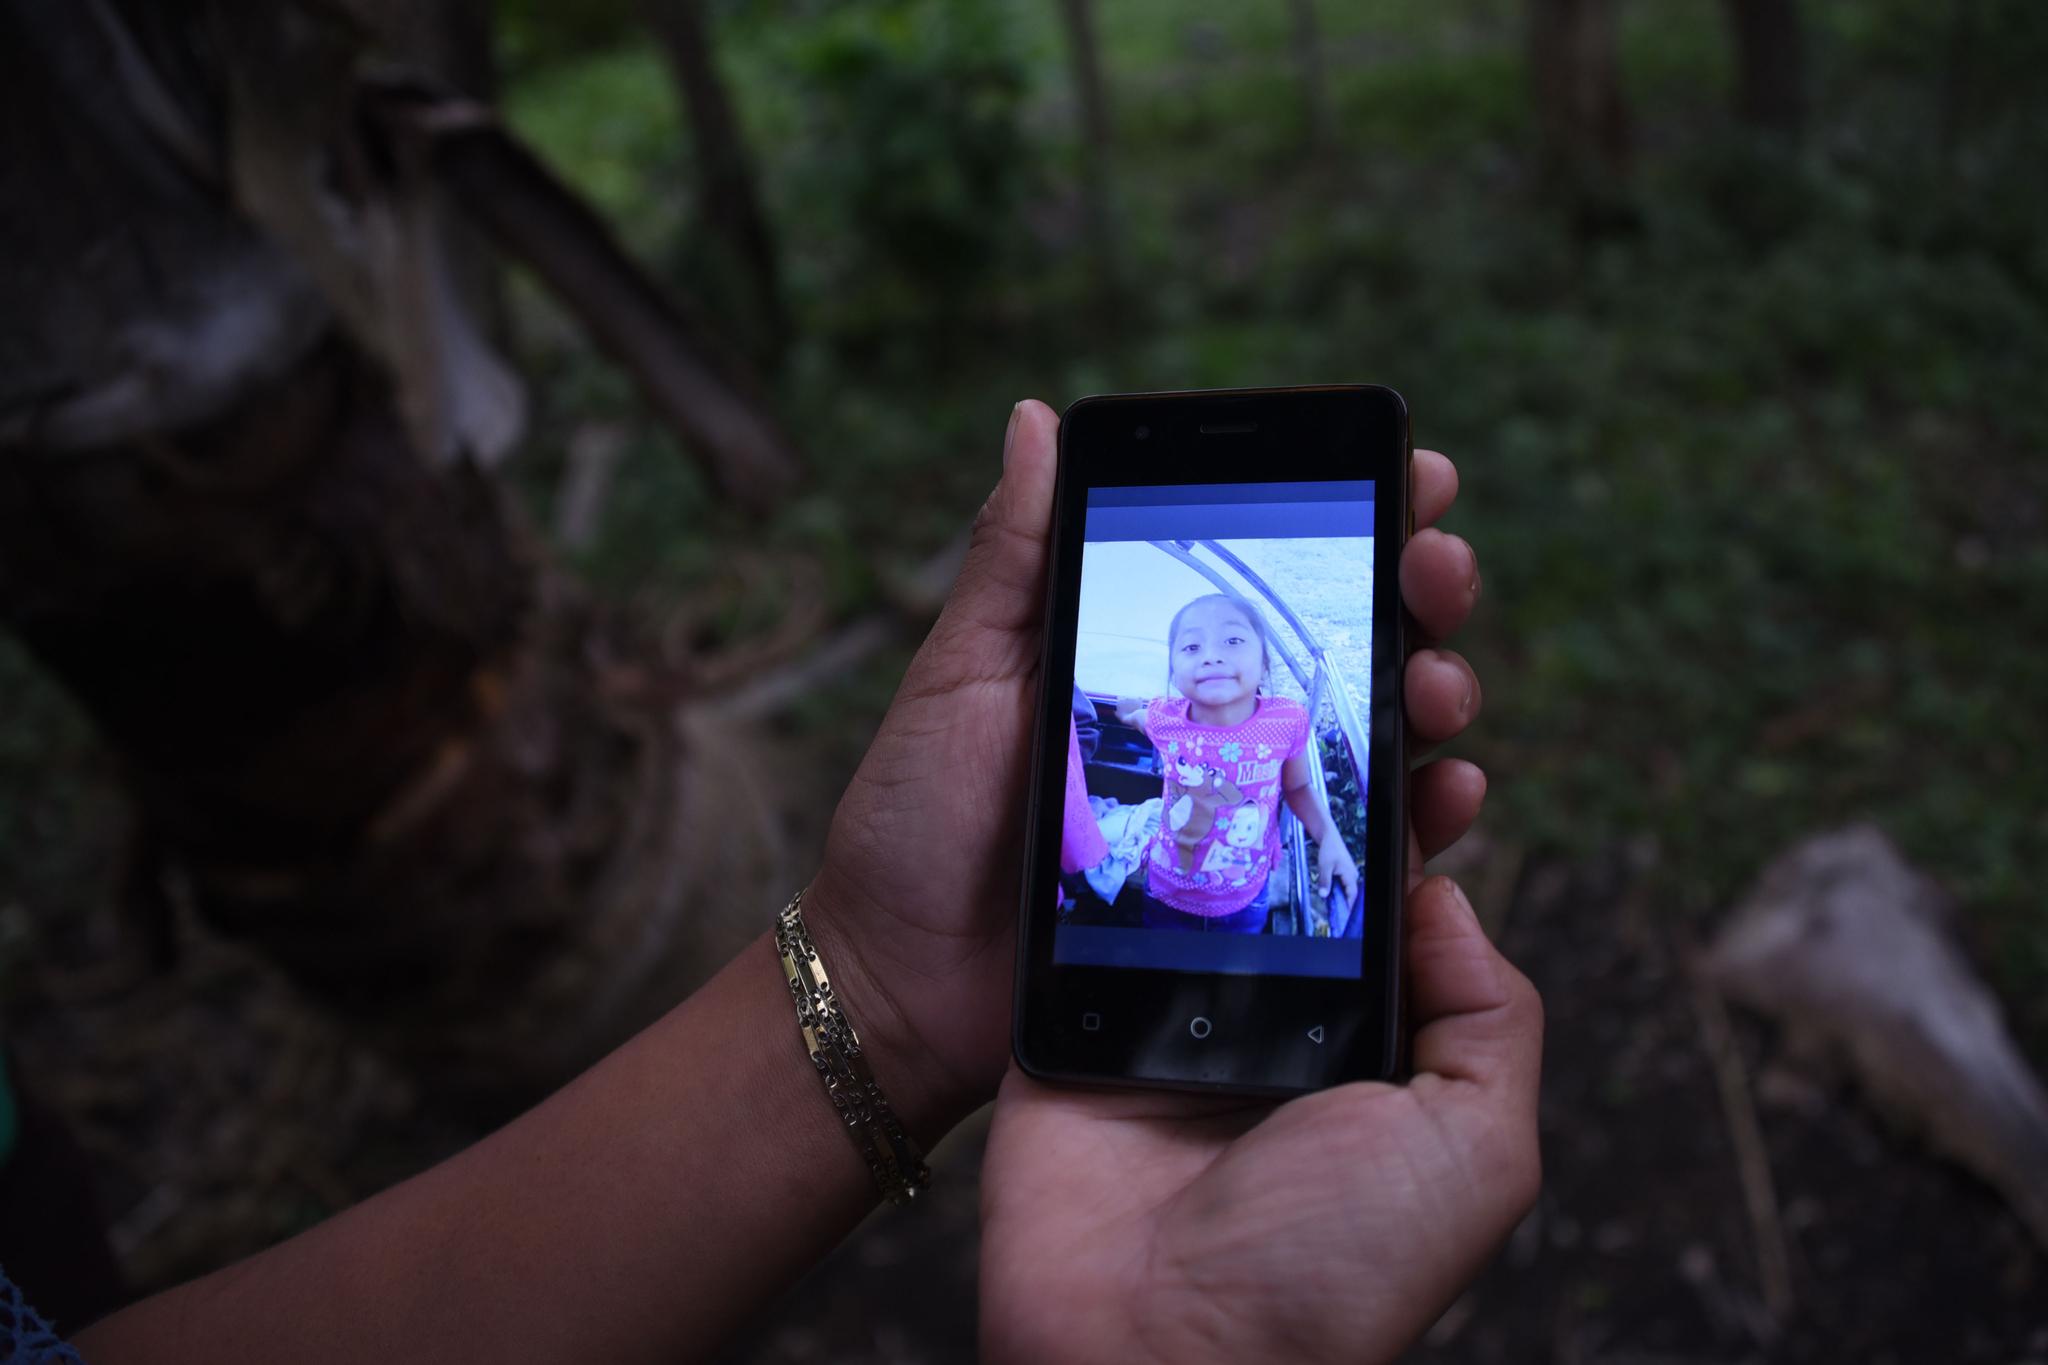 아빠가 사준 운동화 신고 미국 국경 넘다 숨진 7살 소녀